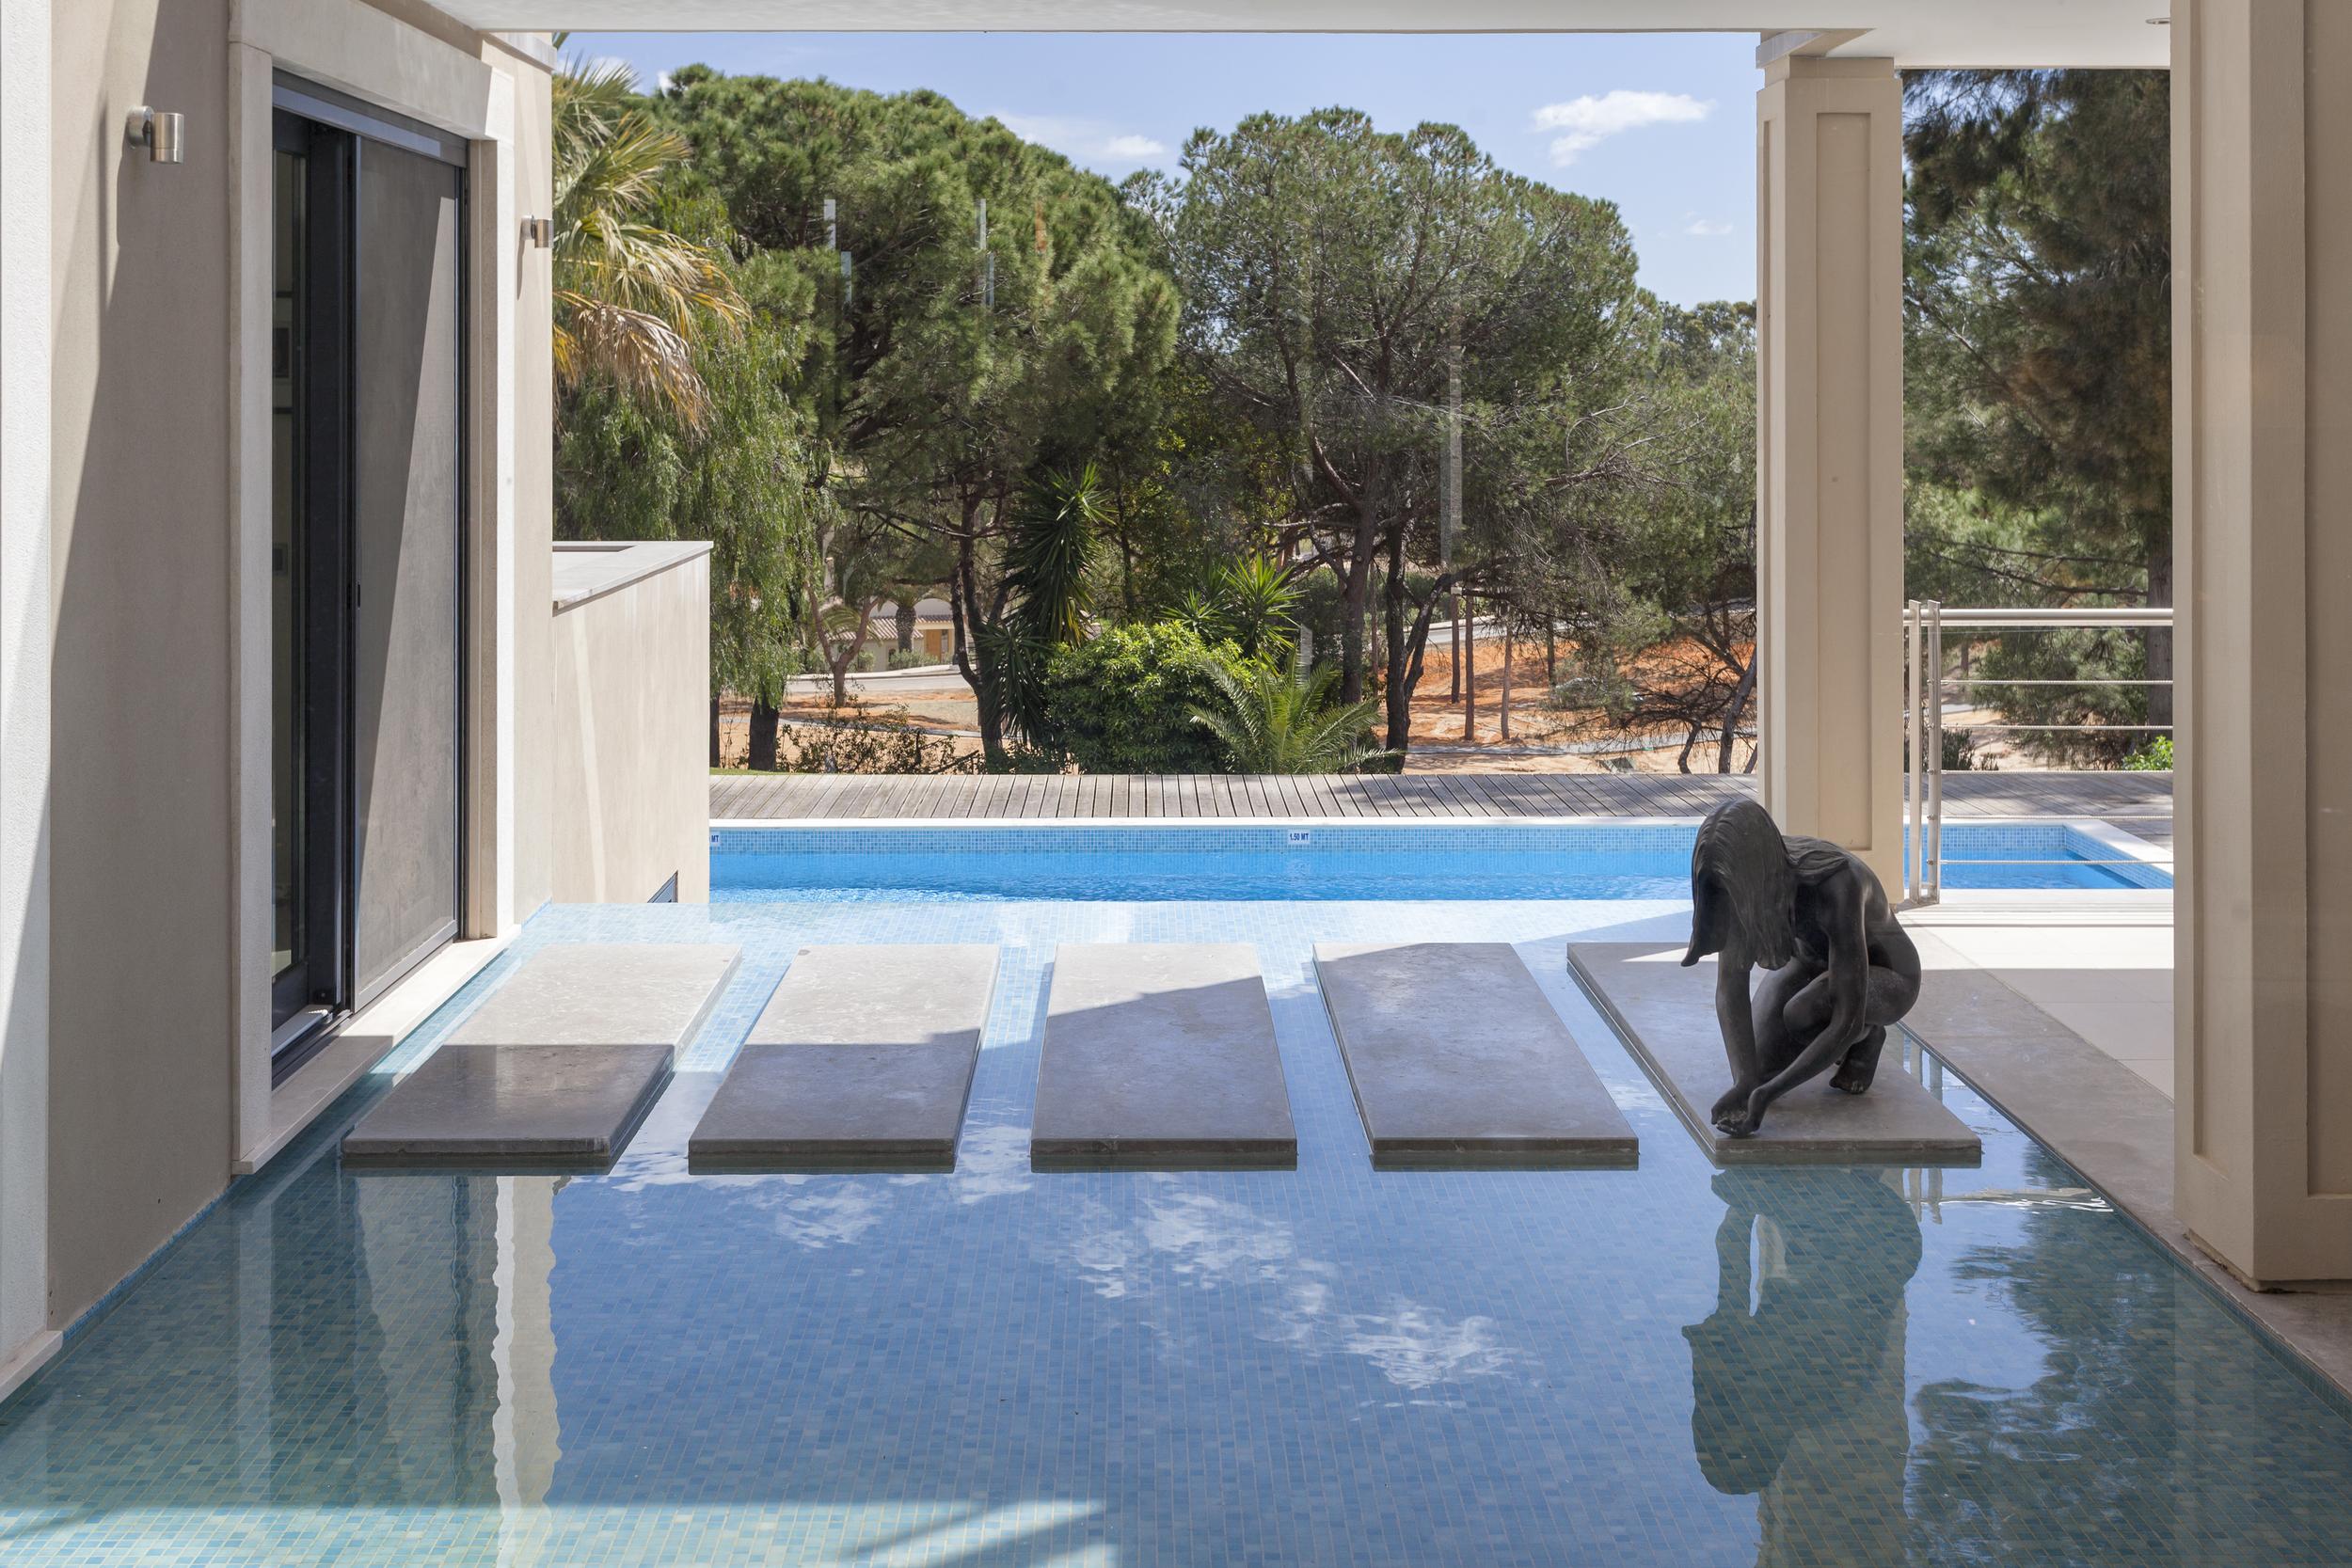 4 bedroom villa to rent in Quinta do Lago, RLV, Villa Serpentine,7.jpg